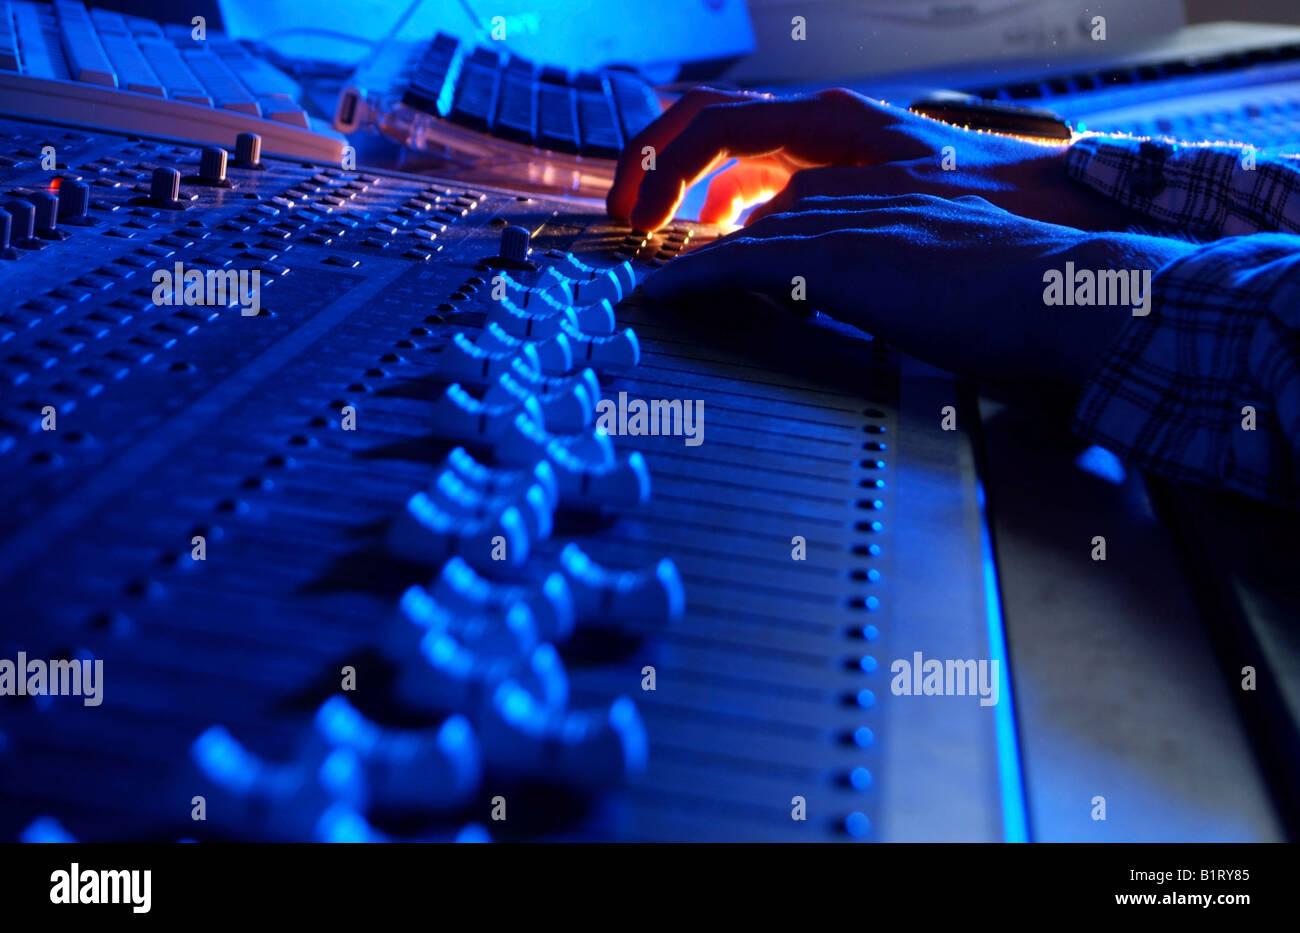 Les mains d'un ingénieur du son réglage de la réglementation d'un boîtier de mixage Photo Stock